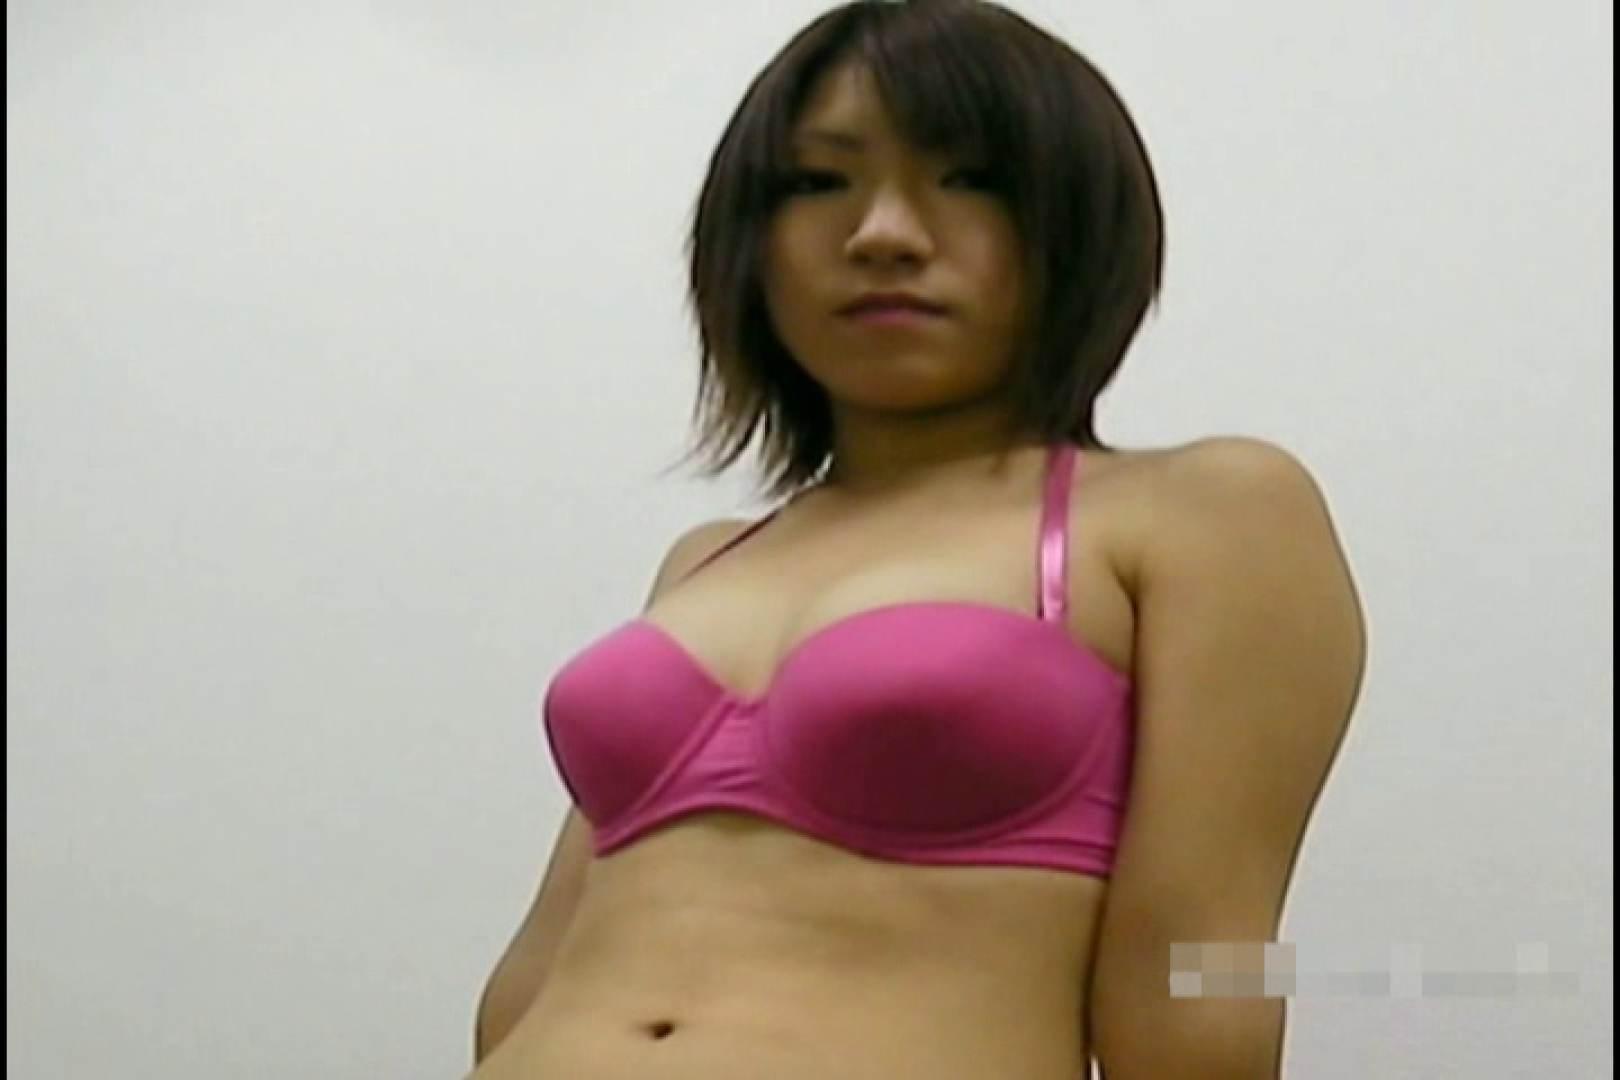 素人撮影 下着だけの撮影のはずが・・・れみ18歳 下着姿   エッチな盗撮  111pic 28